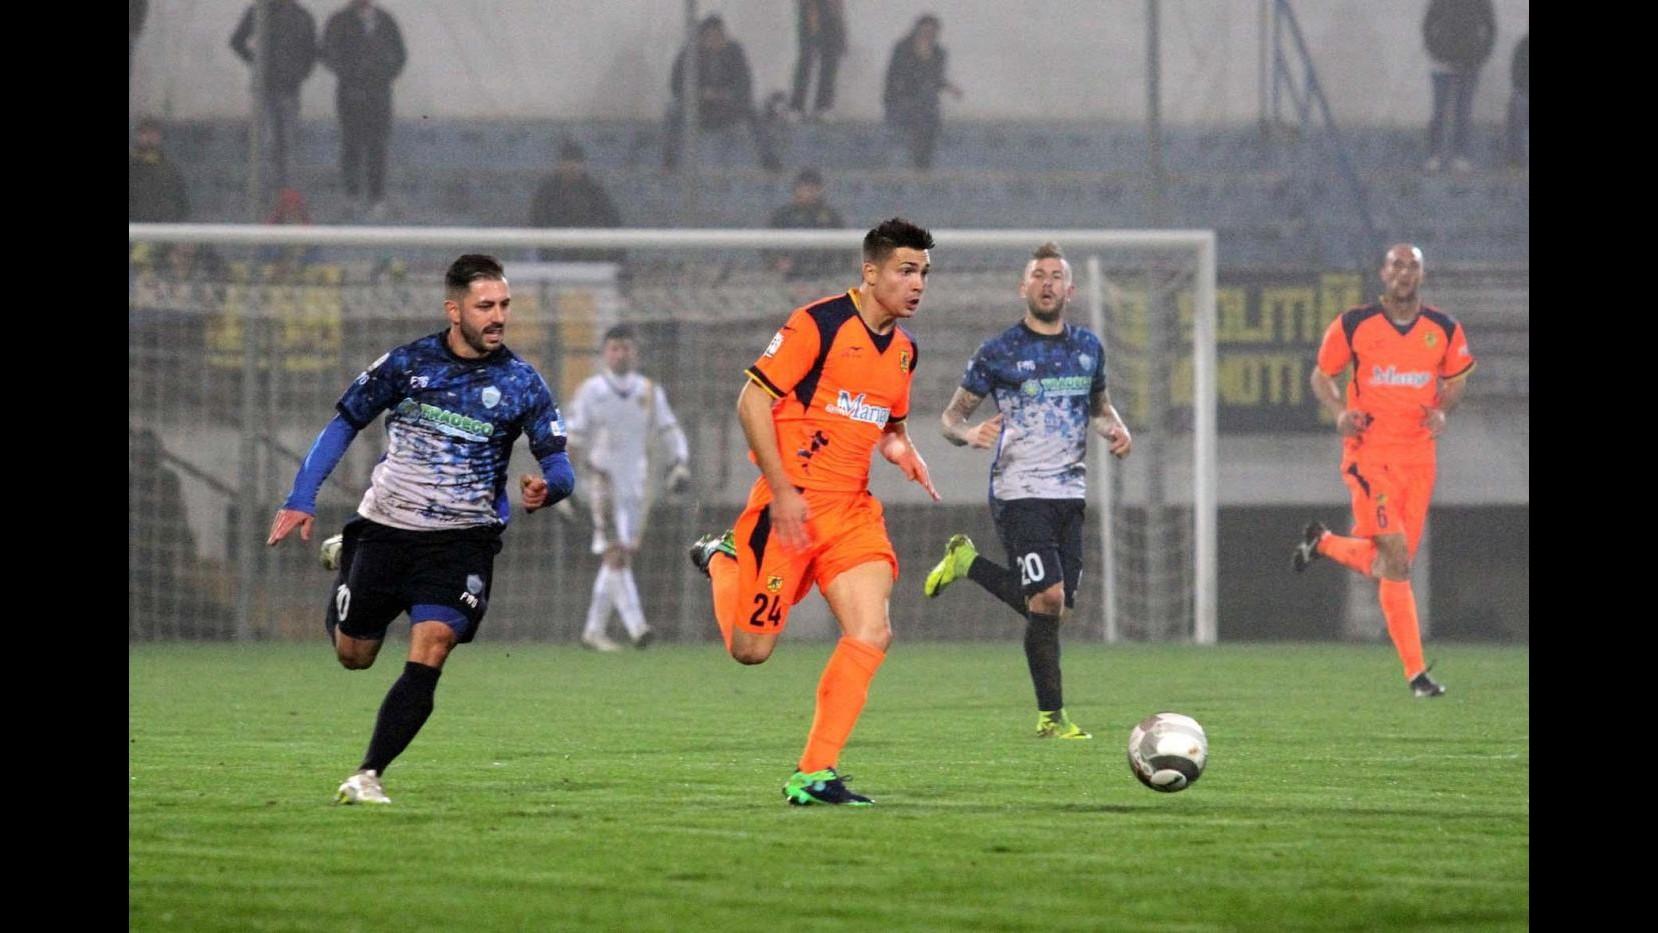 Lega Pro, Matera-Juve Stabia: partita sospesa per nebbia sull'1-1